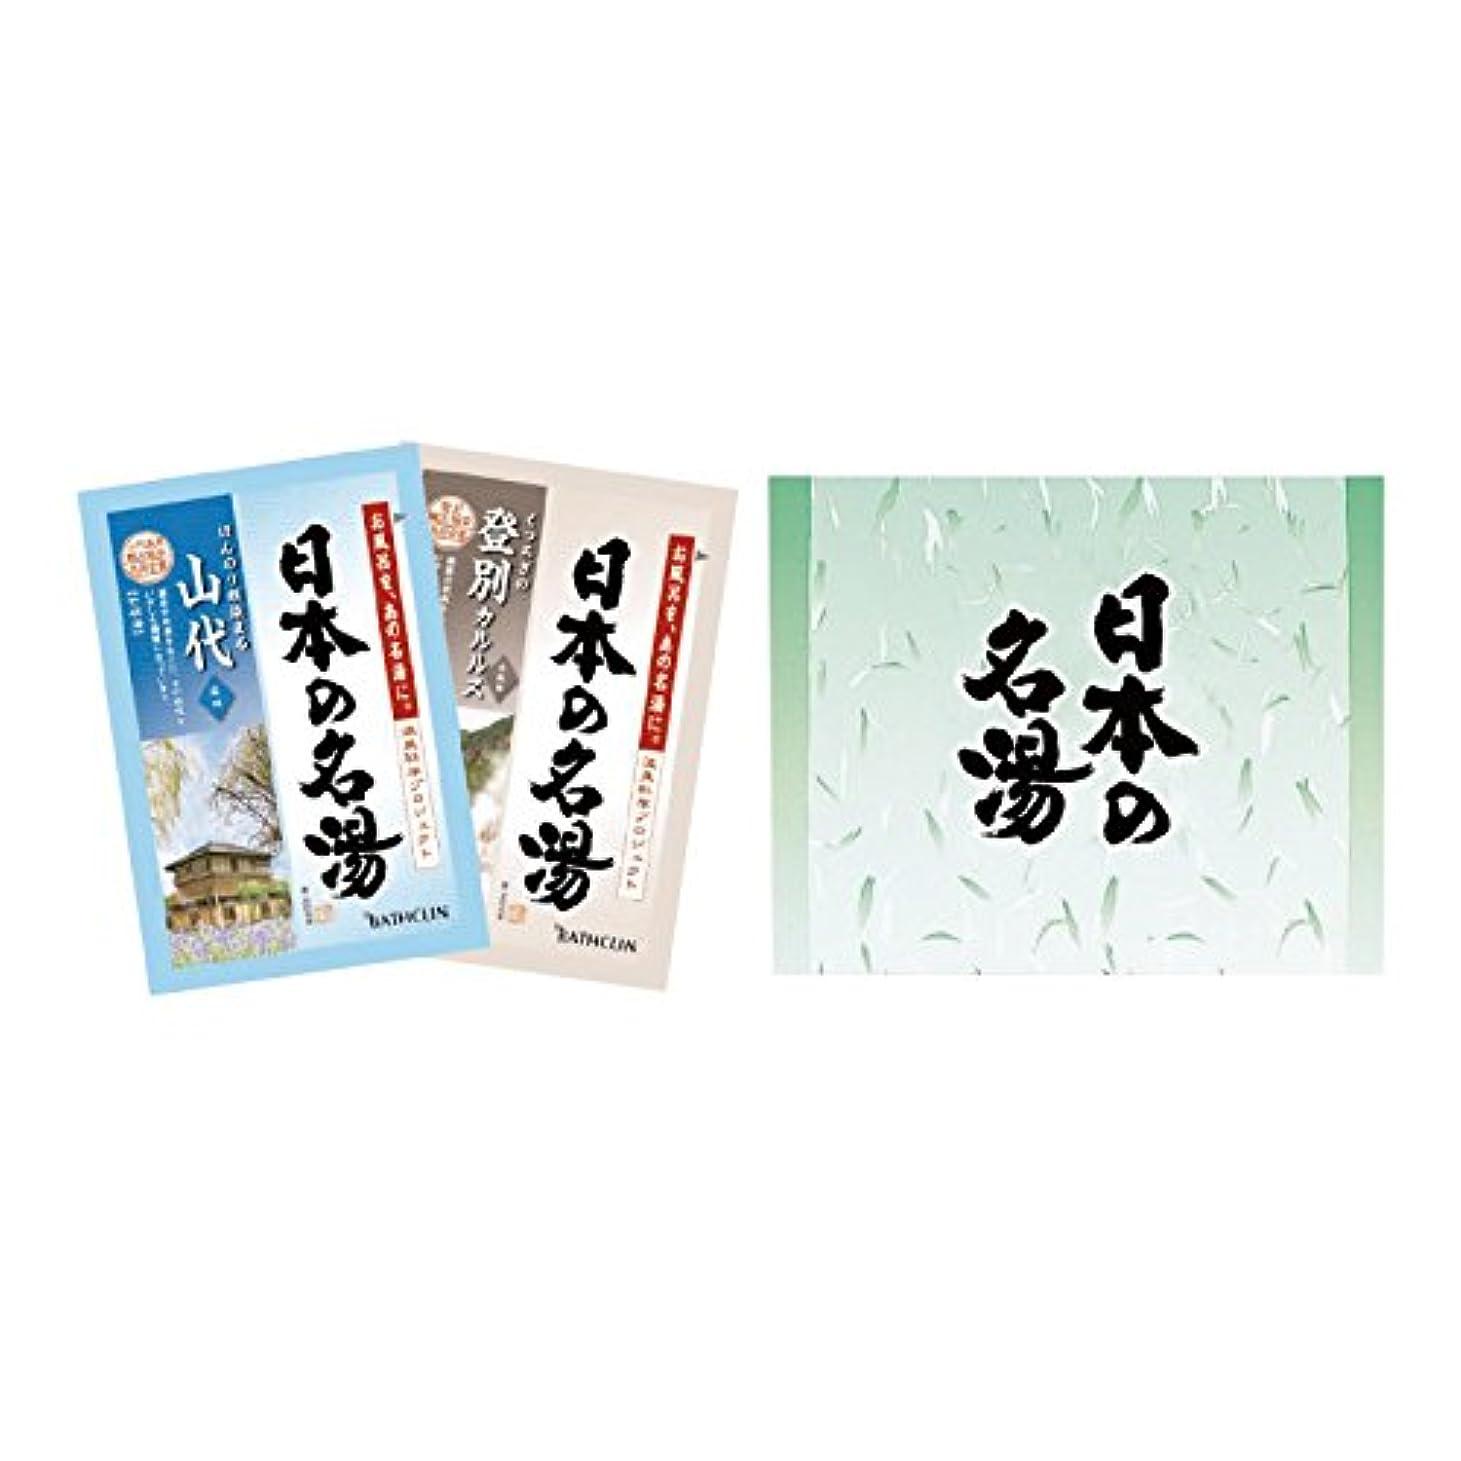 巧みなスパイラル必要ない日本の名湯 入浴剤 2包入